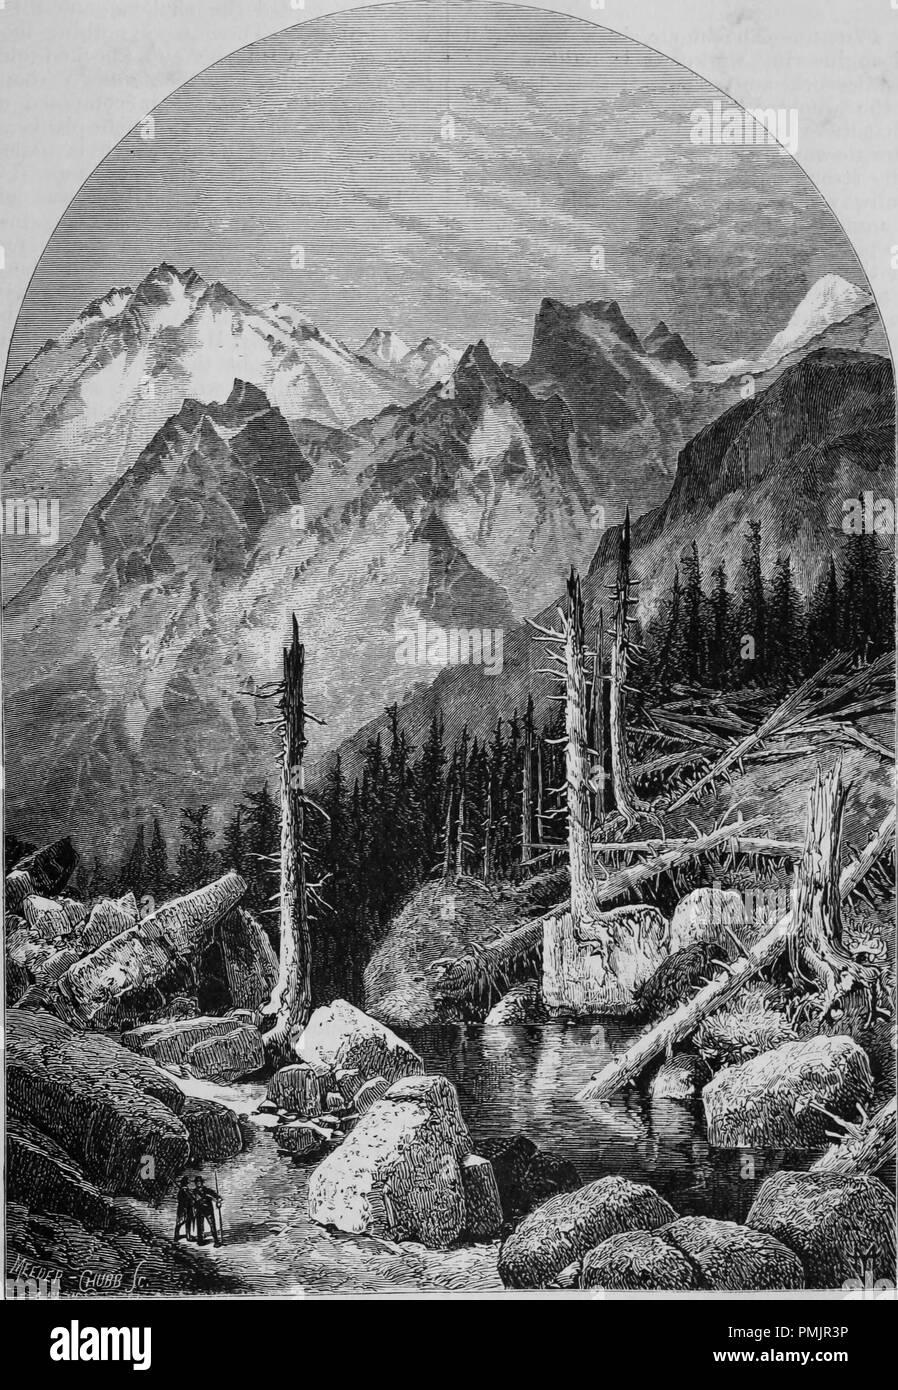 """Grabado de las cumbres de Sierra Nevada, desde el libro """"El Turismo del Pacífico"""", 1877. Cortesía de Internet Archive. () Imagen De Stock"""